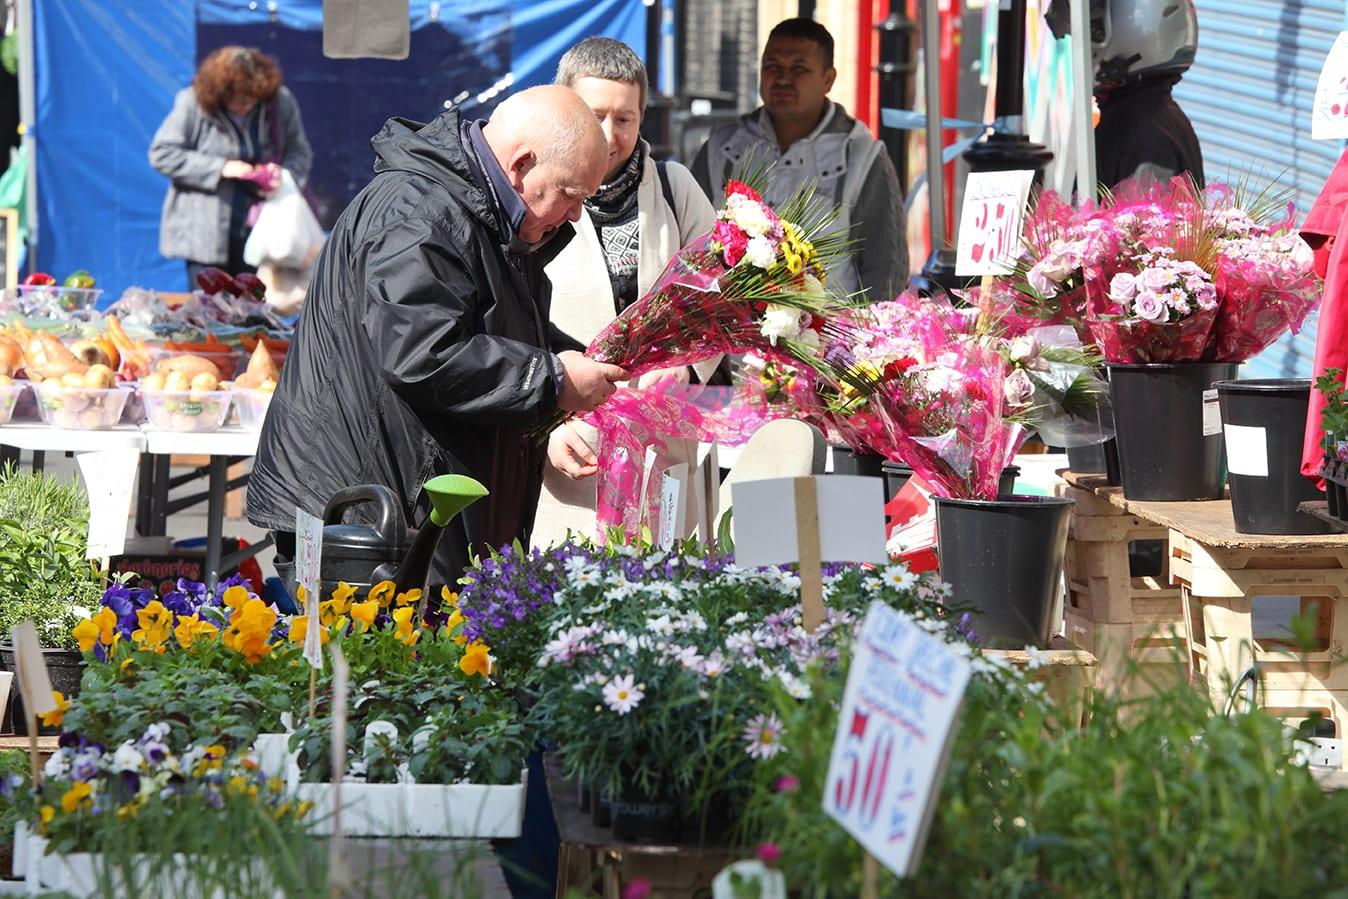 Surrey Street Market Croydon